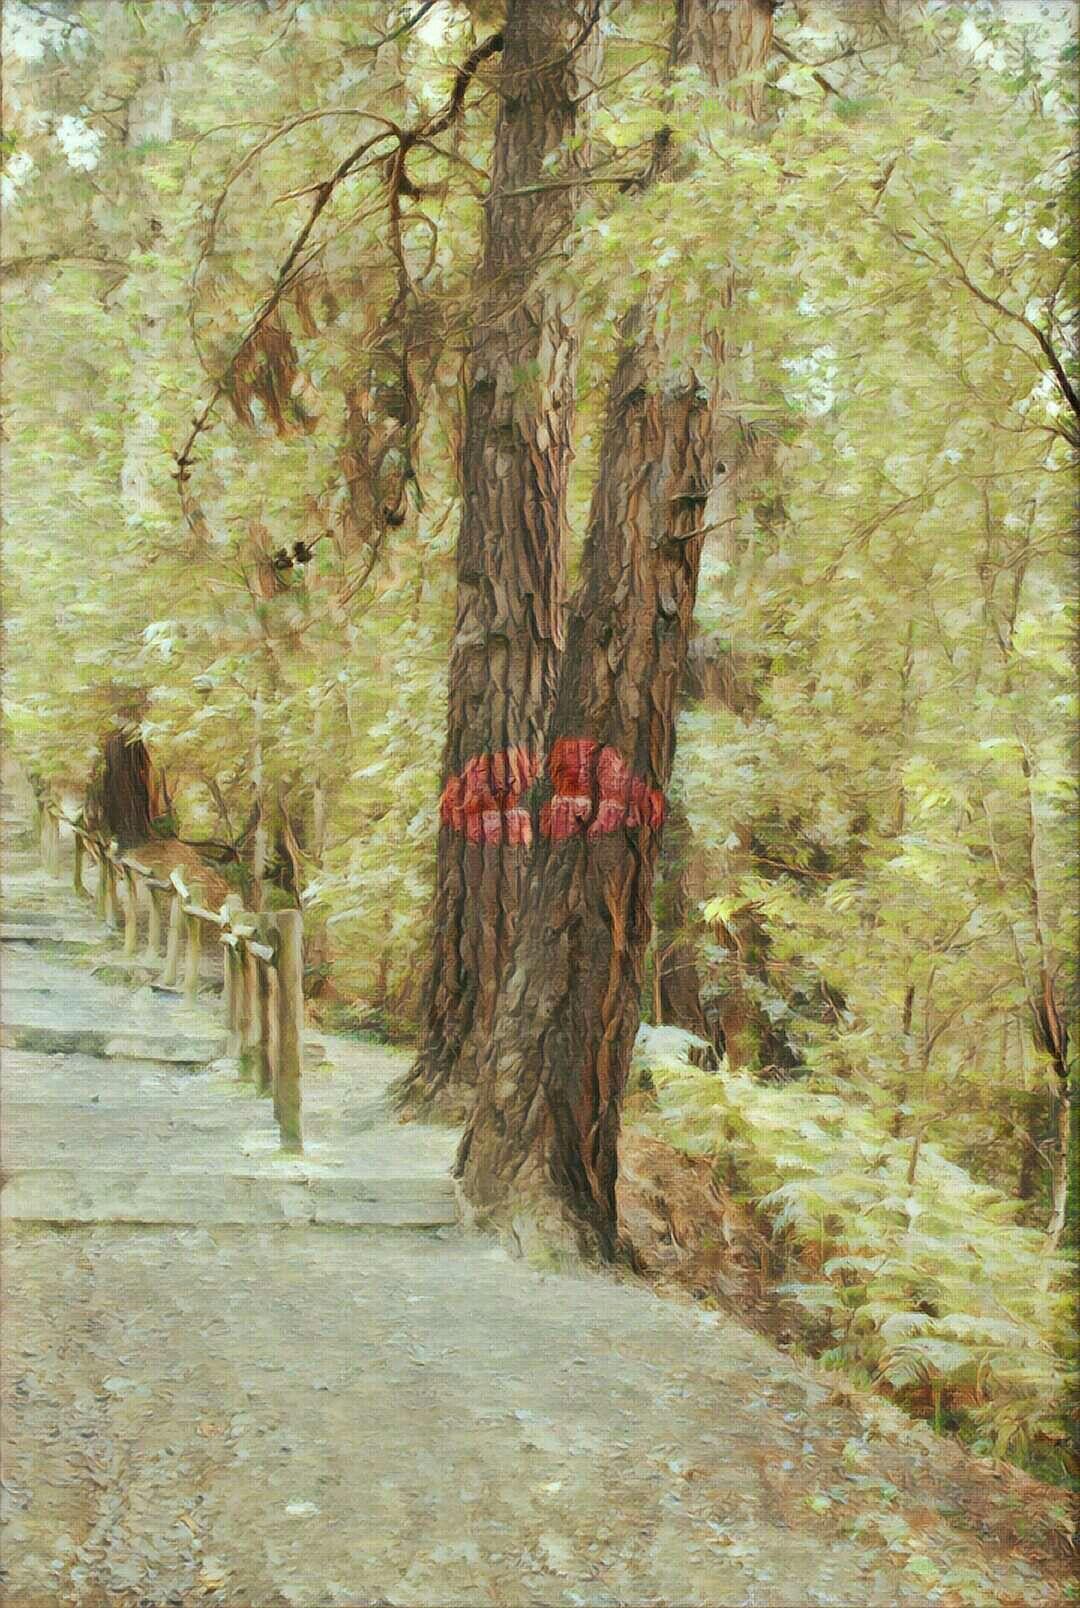 📱Beso XXL 💋 #fotodeldia #prisma #dailyphoto  #bosque #forest #oma #redmipro #naturaleza #nature #kiss #arte #art